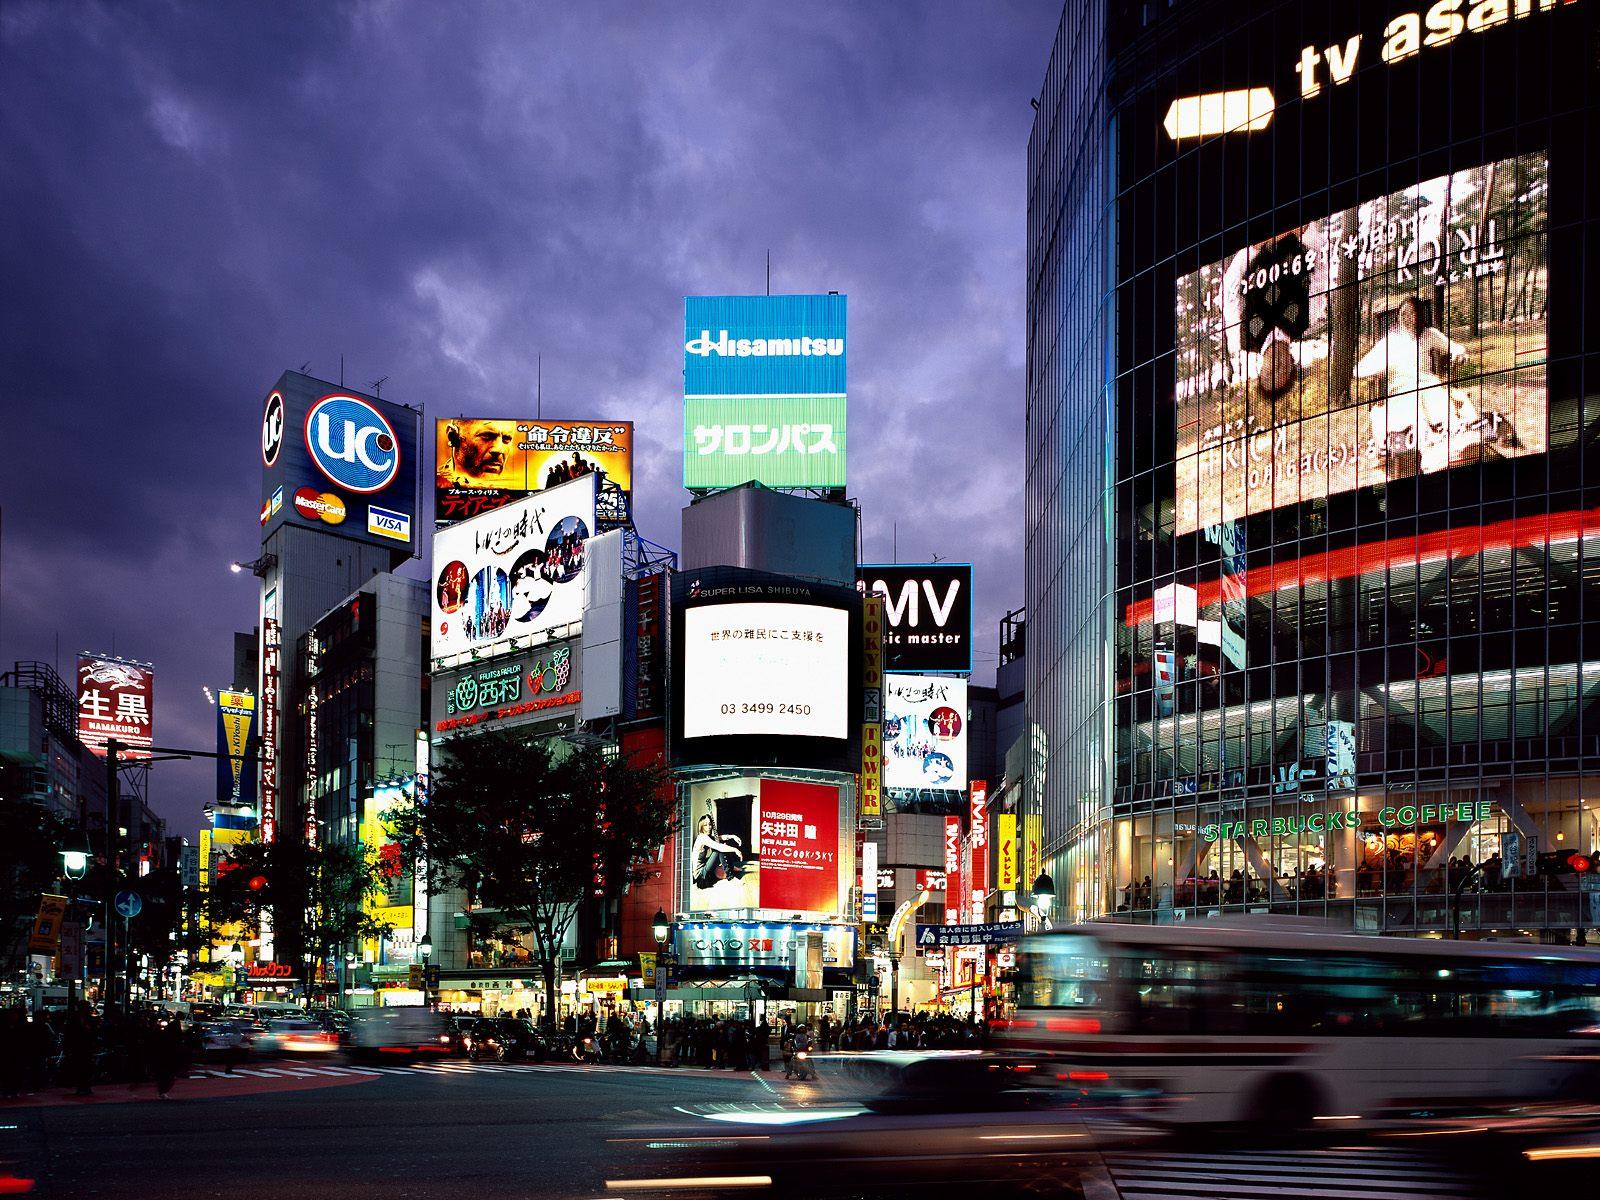 http://1.bp.blogspot.com/-sAoom72t7t8/TwcsA0sLgQI/AAAAAAAAKkM/SqN1woiYCEc/s1600/Shibuya_Tokyo_Japan.jpg